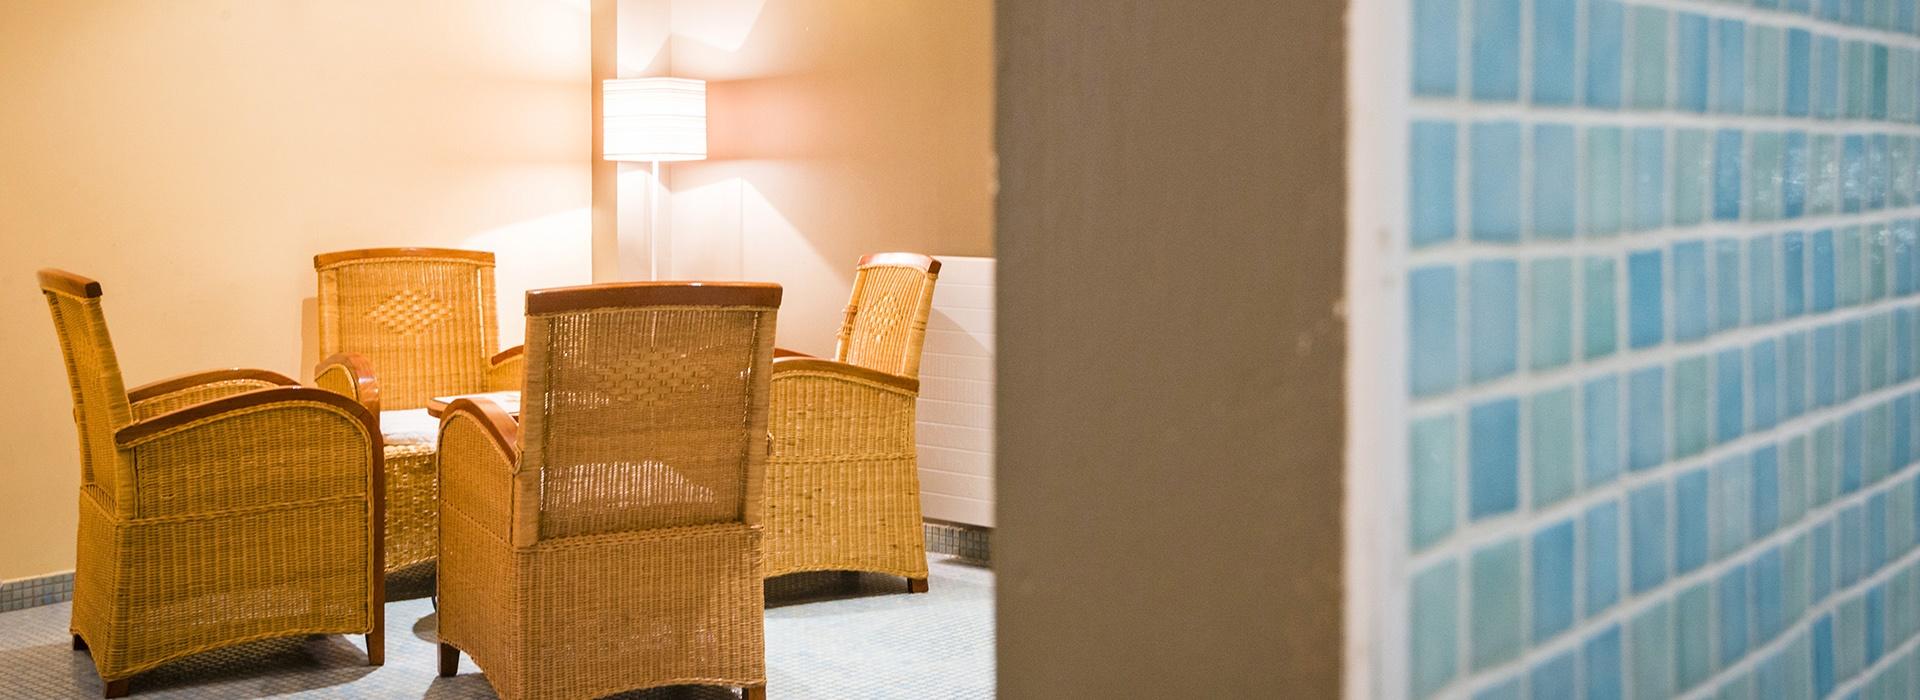 Salon de détente avec fauteuil en osier au jacuzzi de l'hôtel le Chalet à Ax les Thermes en Ariège